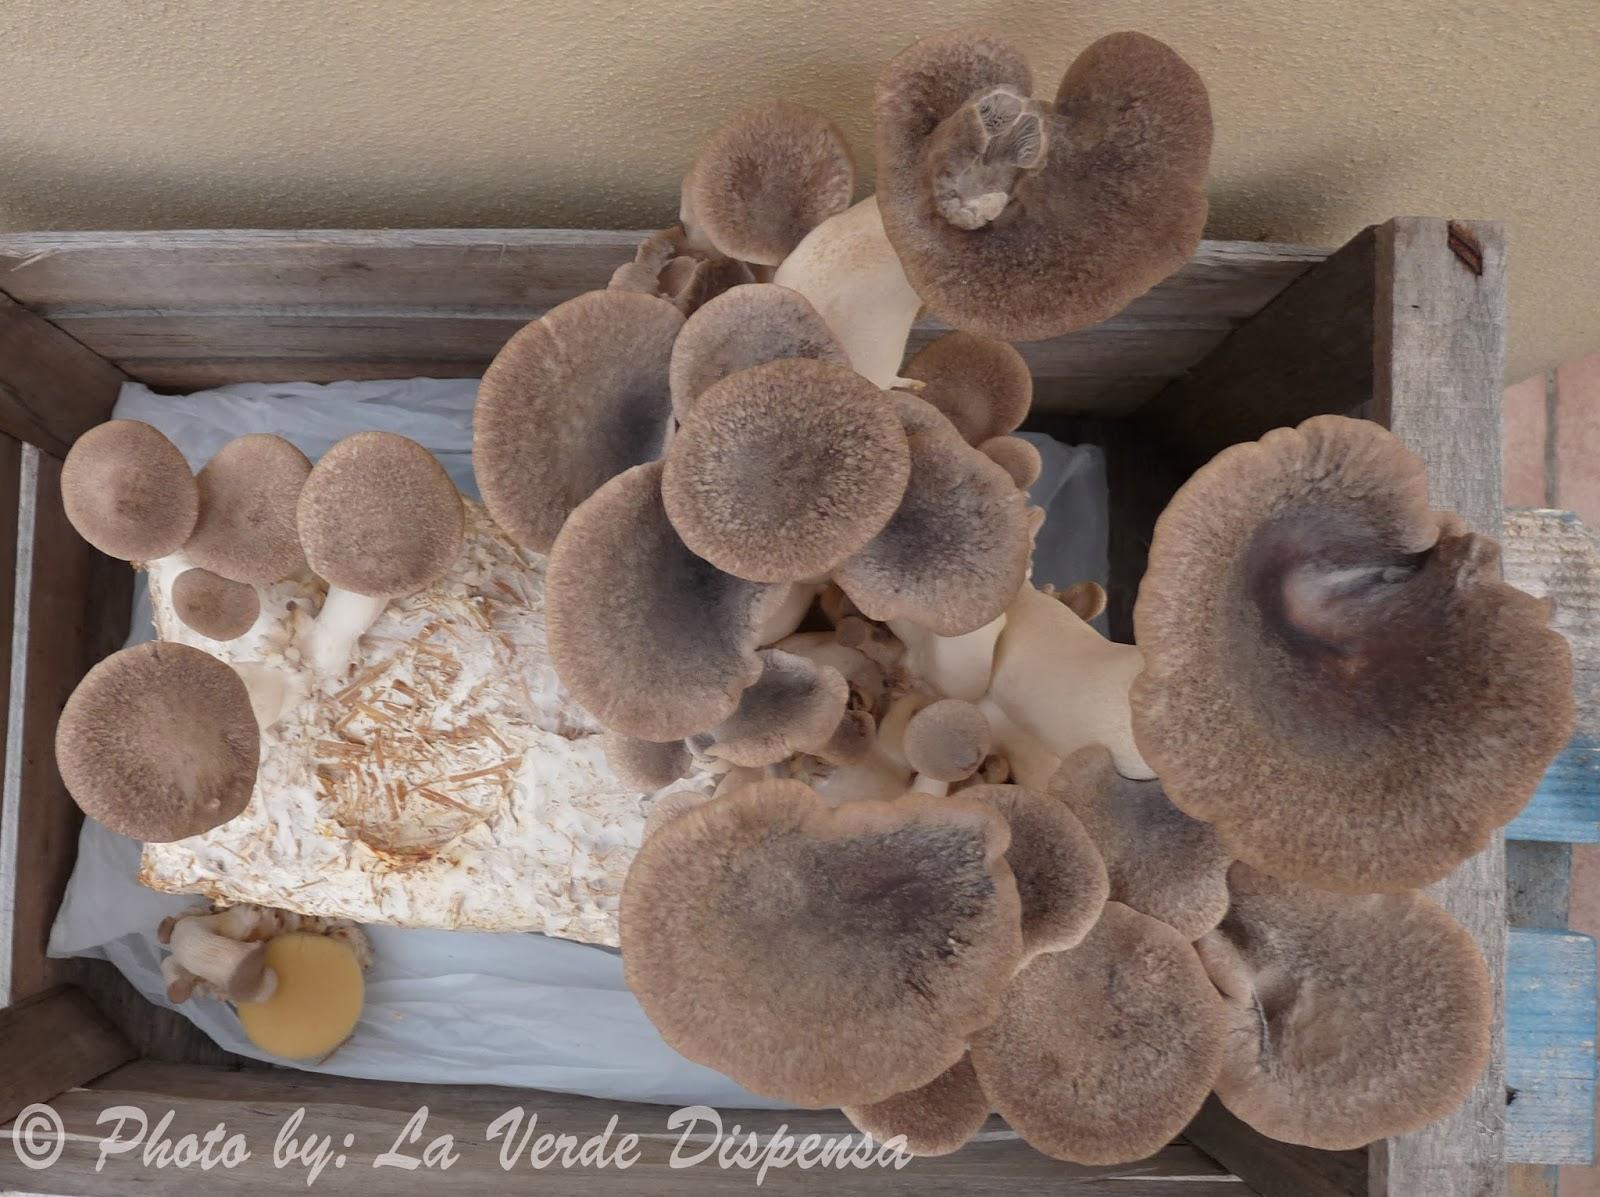 la verde dispensa come coltivare i funghi a casa